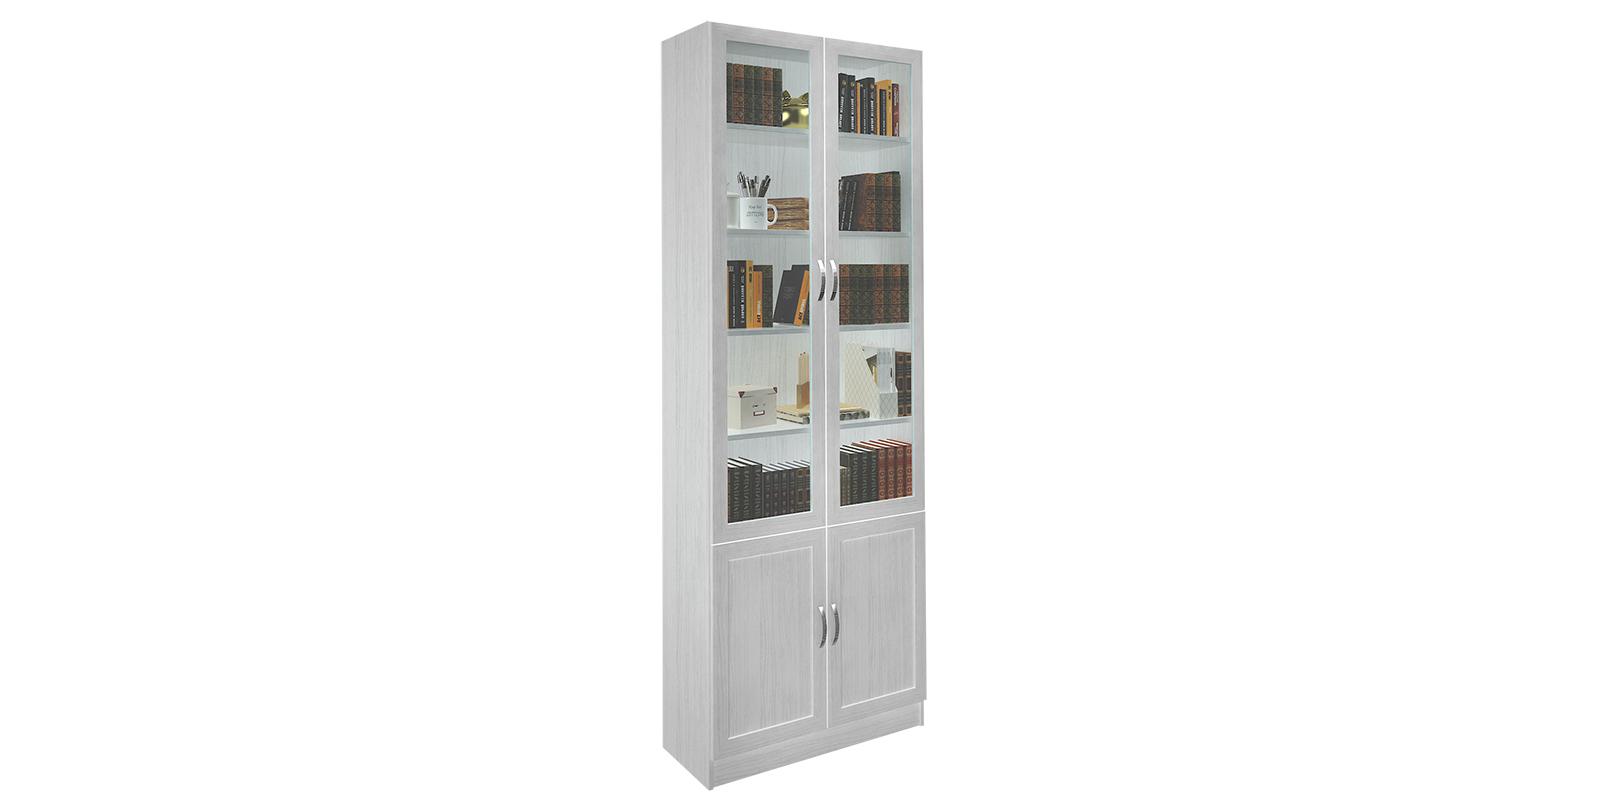 Витрина Дрезден вариант №1 80 см (белый) от HomeMe.ru